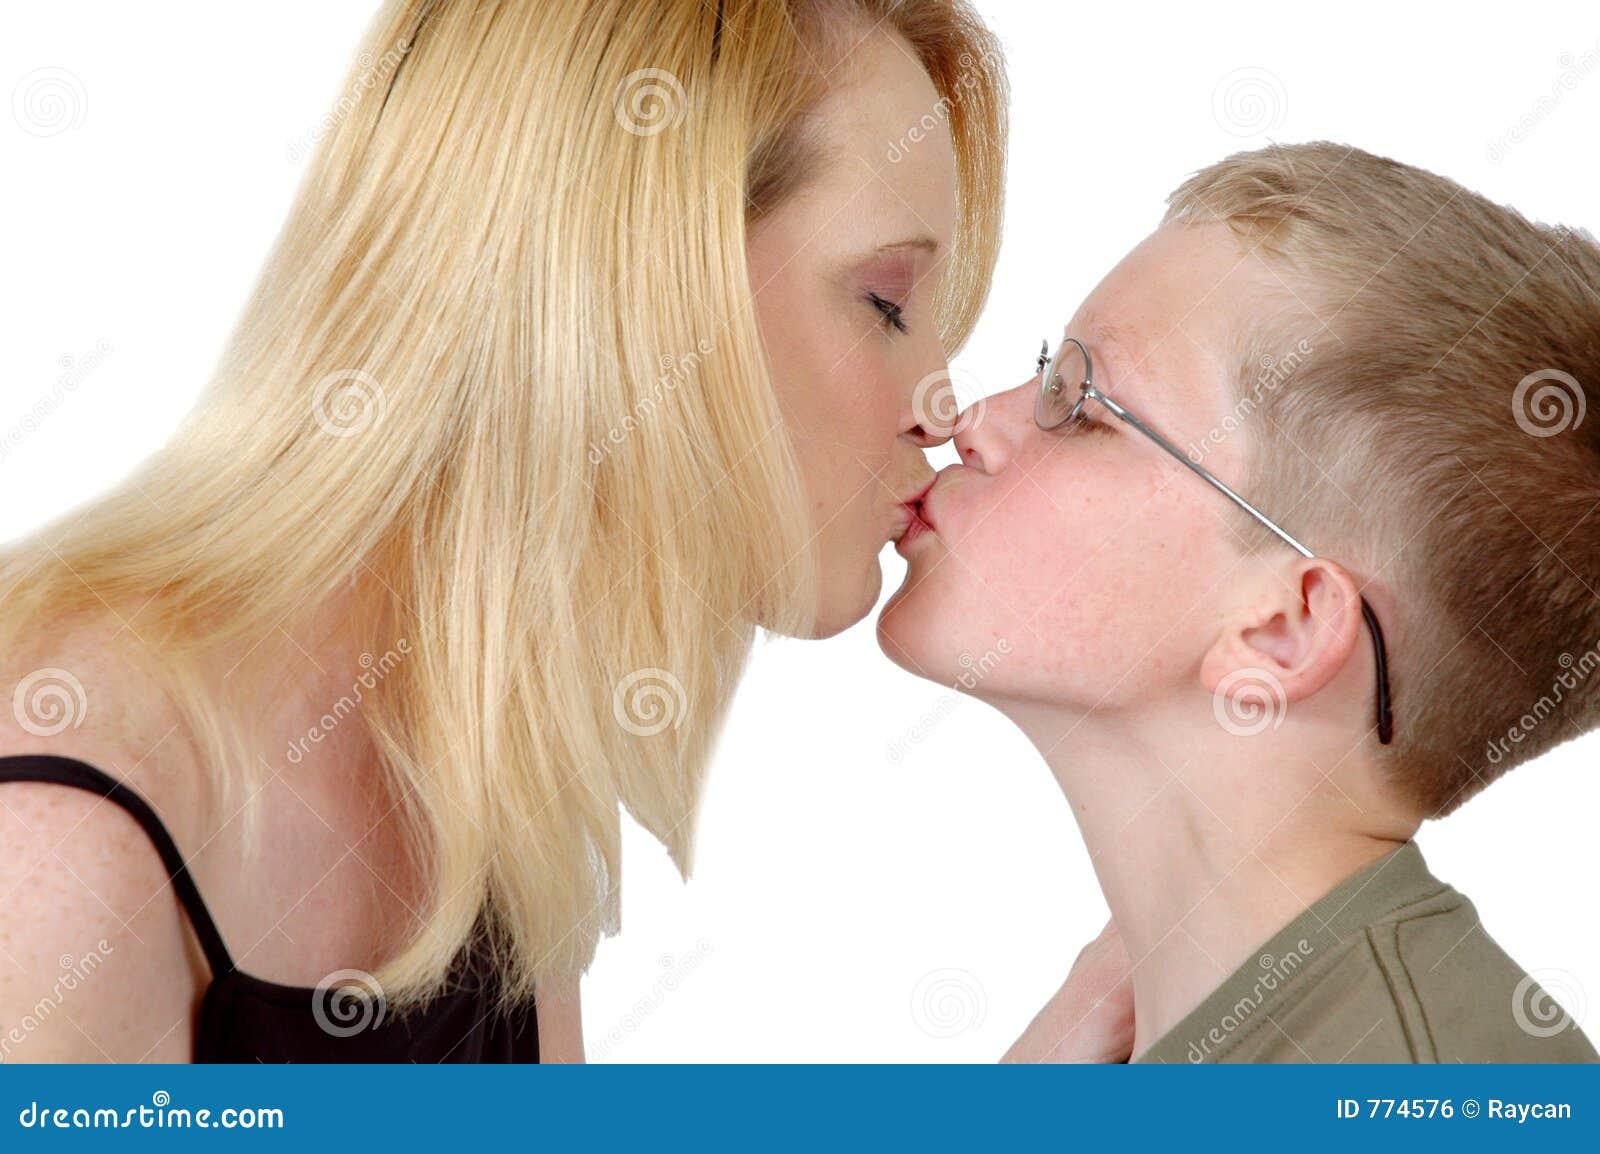 Тетя заставила племянника лизать, Зрелая мадам заставила молодого русского парня 1 фотография